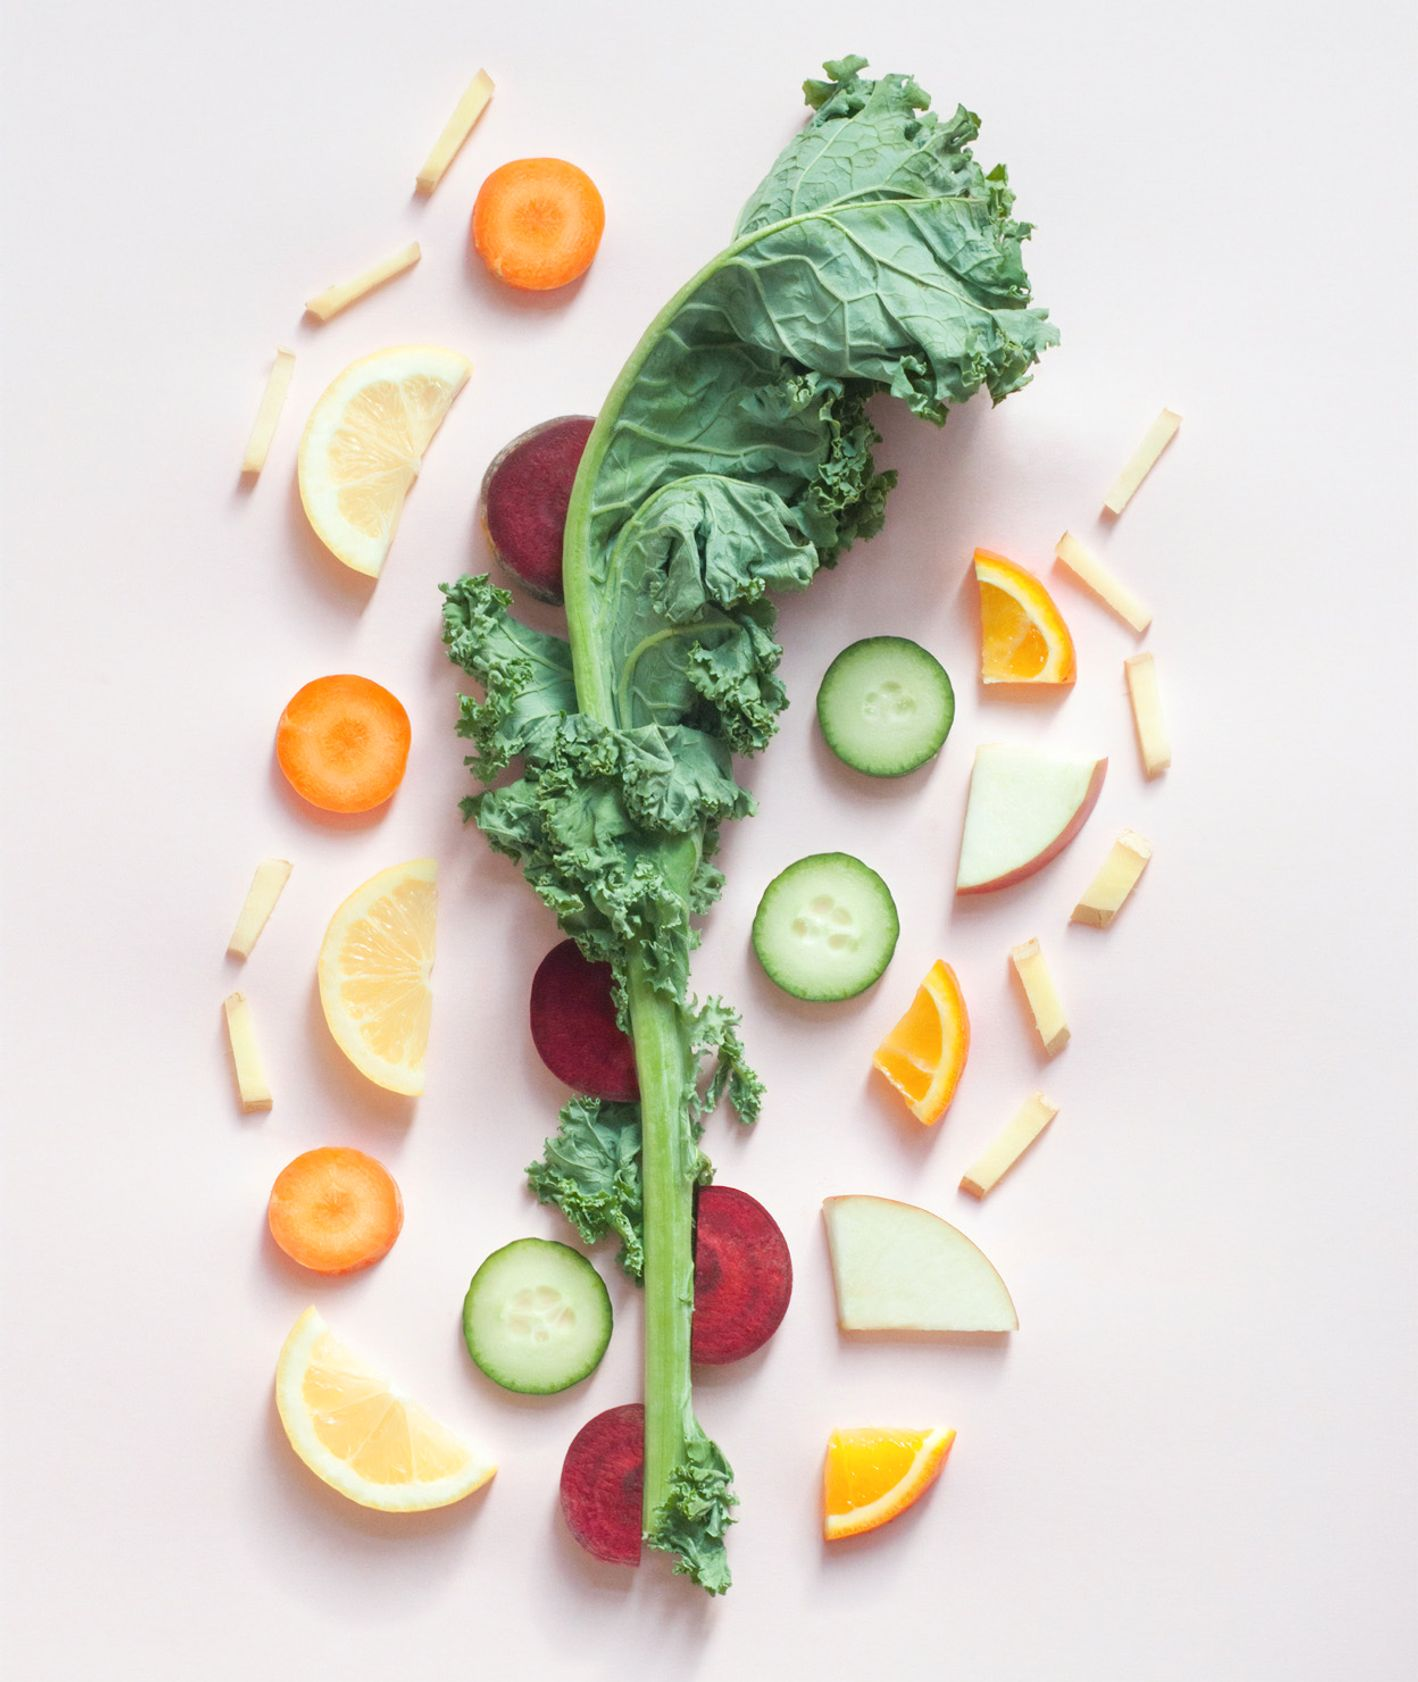 Kompozycja z warzyw i owoców (fot. Dose Juice / unsplash.com)